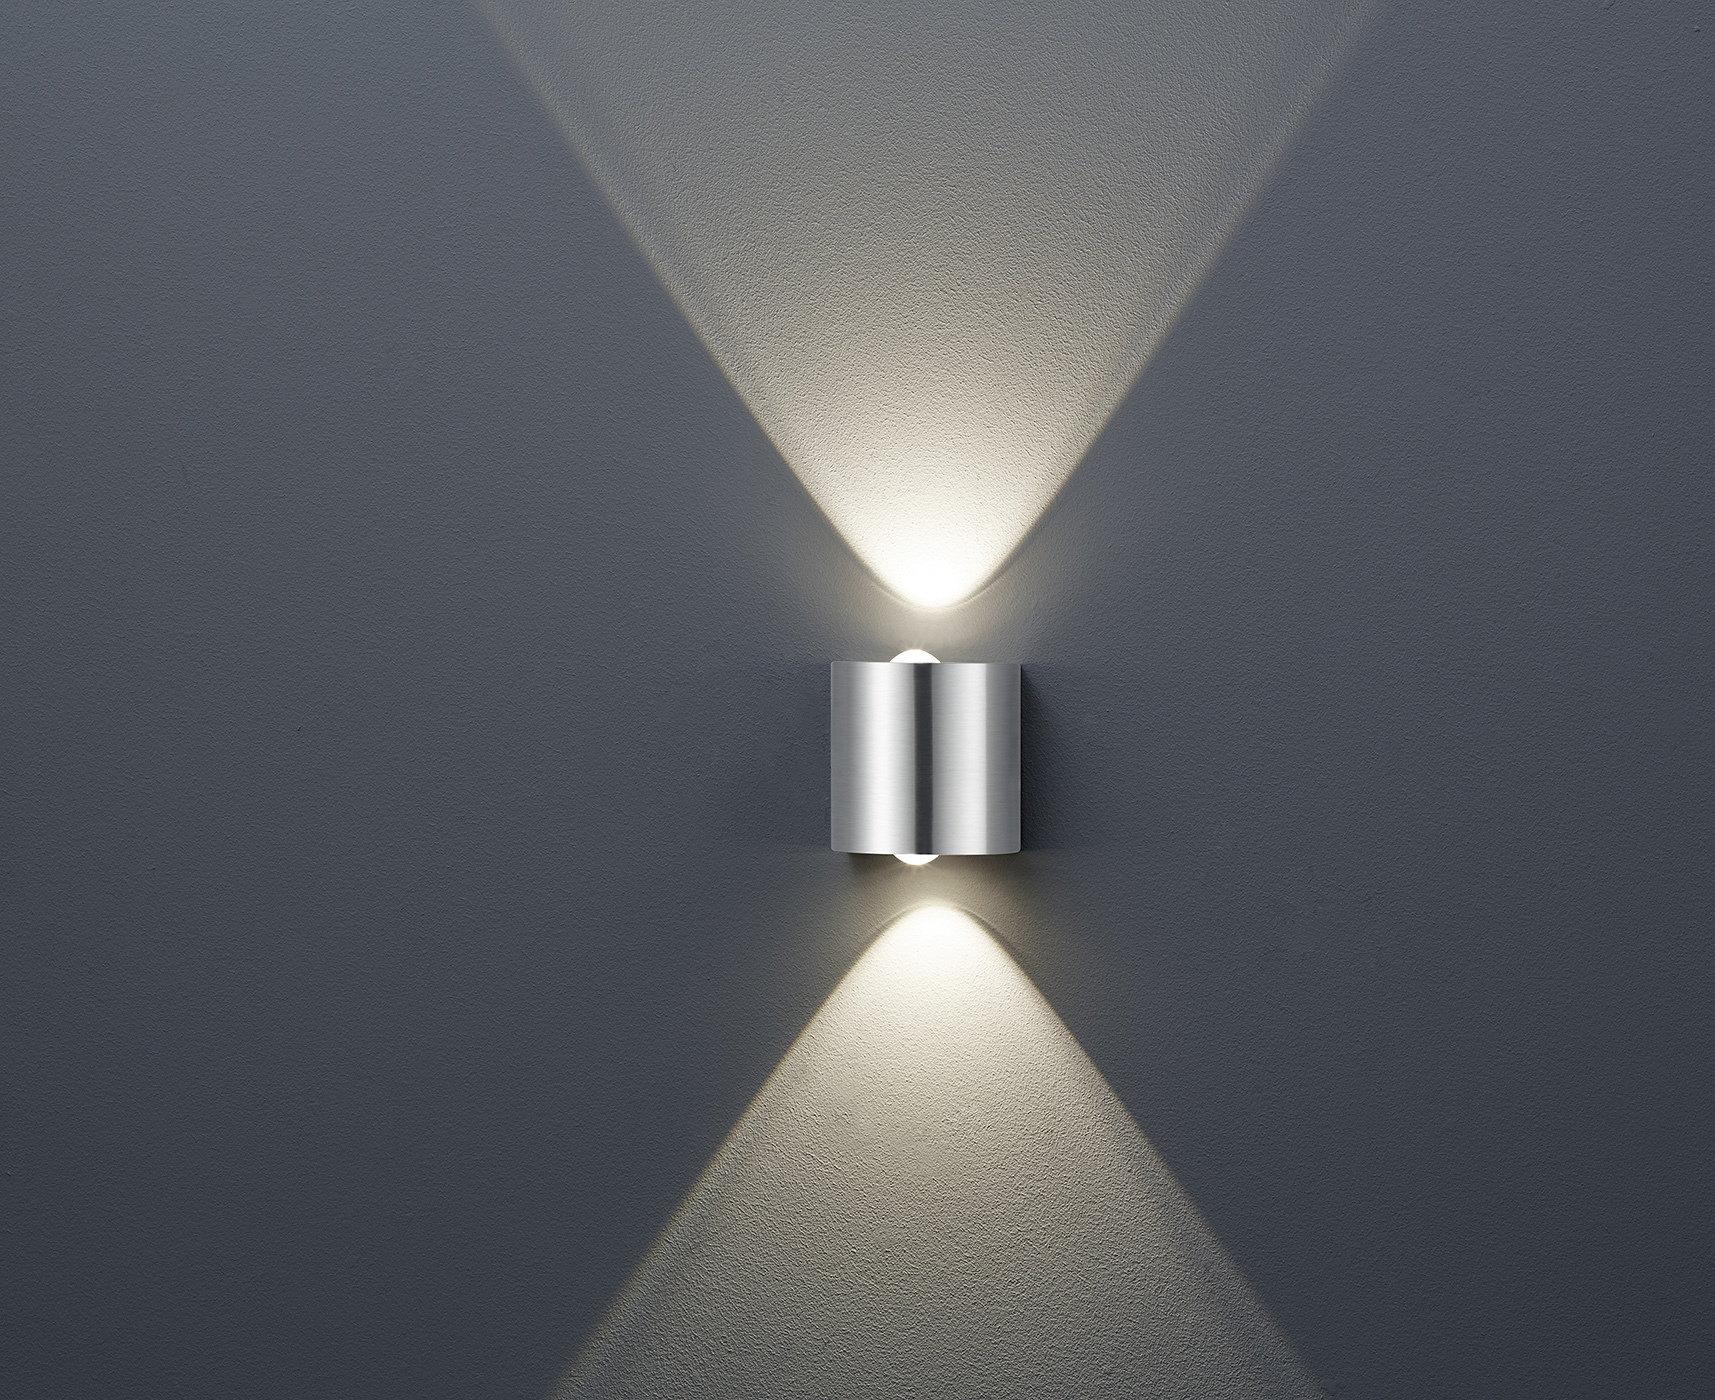 Trio LED Kinkiet ABERDEEN, 6x1W, Nikiel 225610607